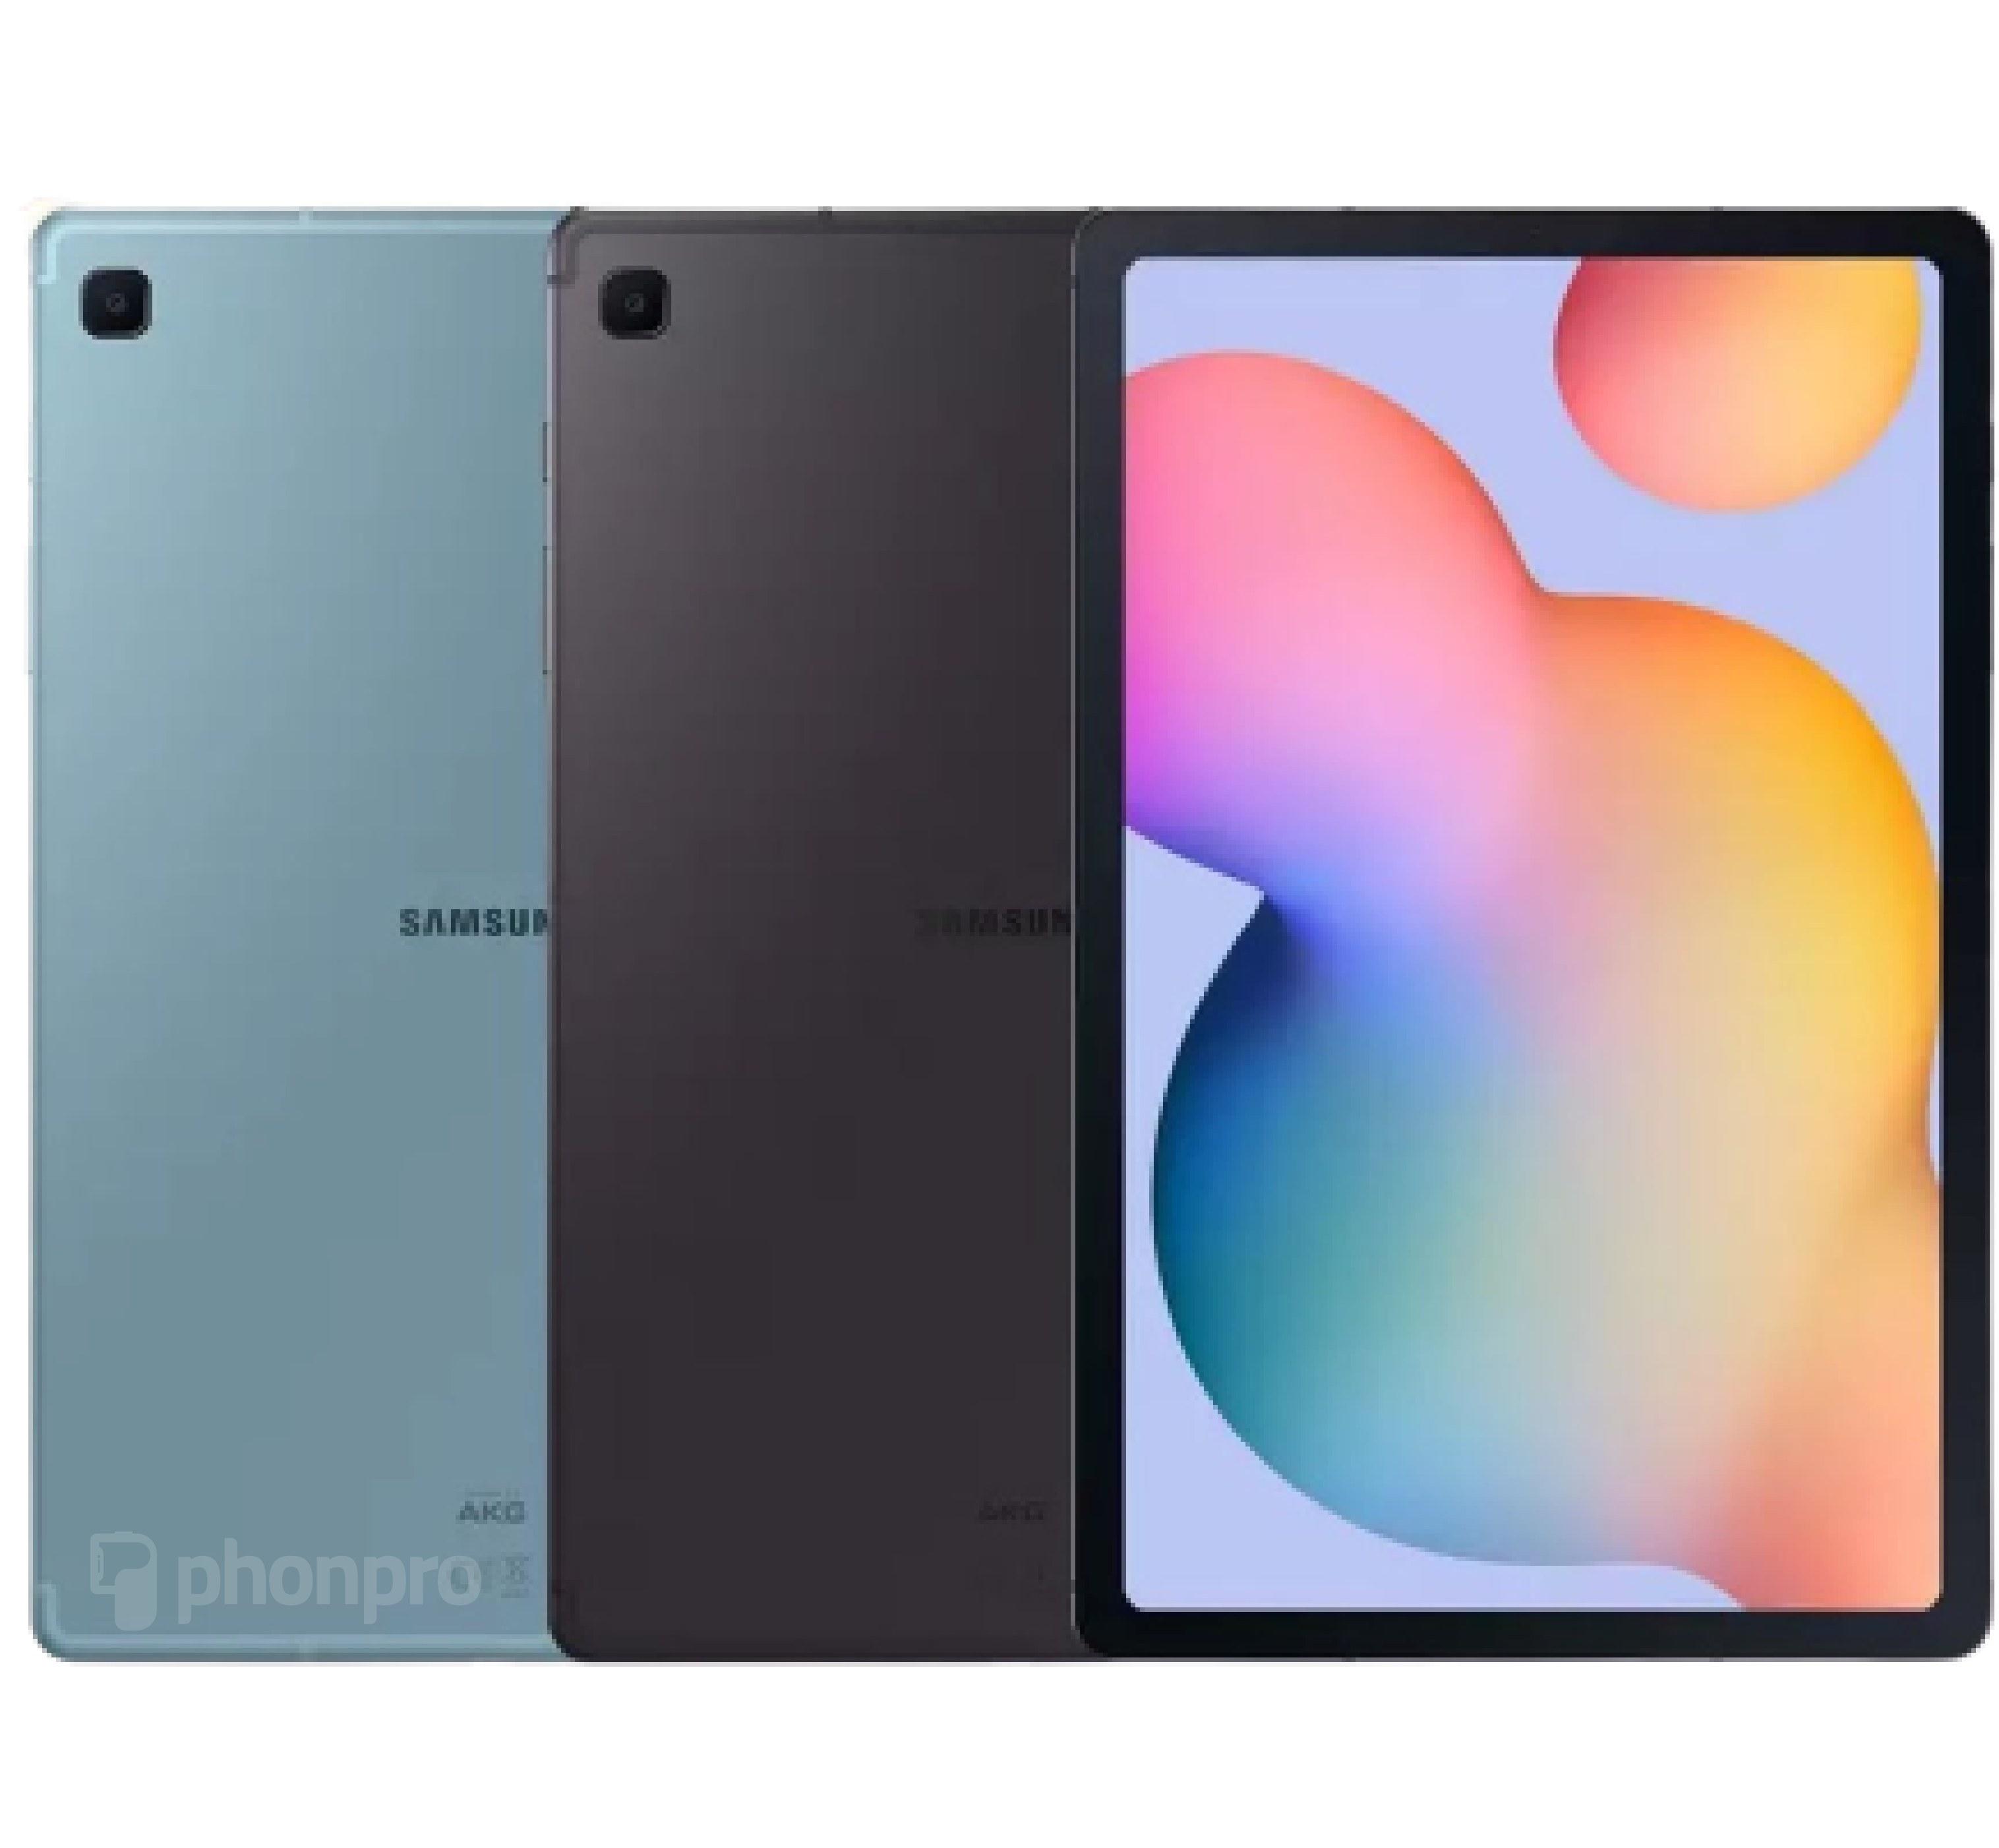 تبلت  سامسونگ  Galaxy Tab S6 Lite SM-P615 Tablet 64GB - LTE